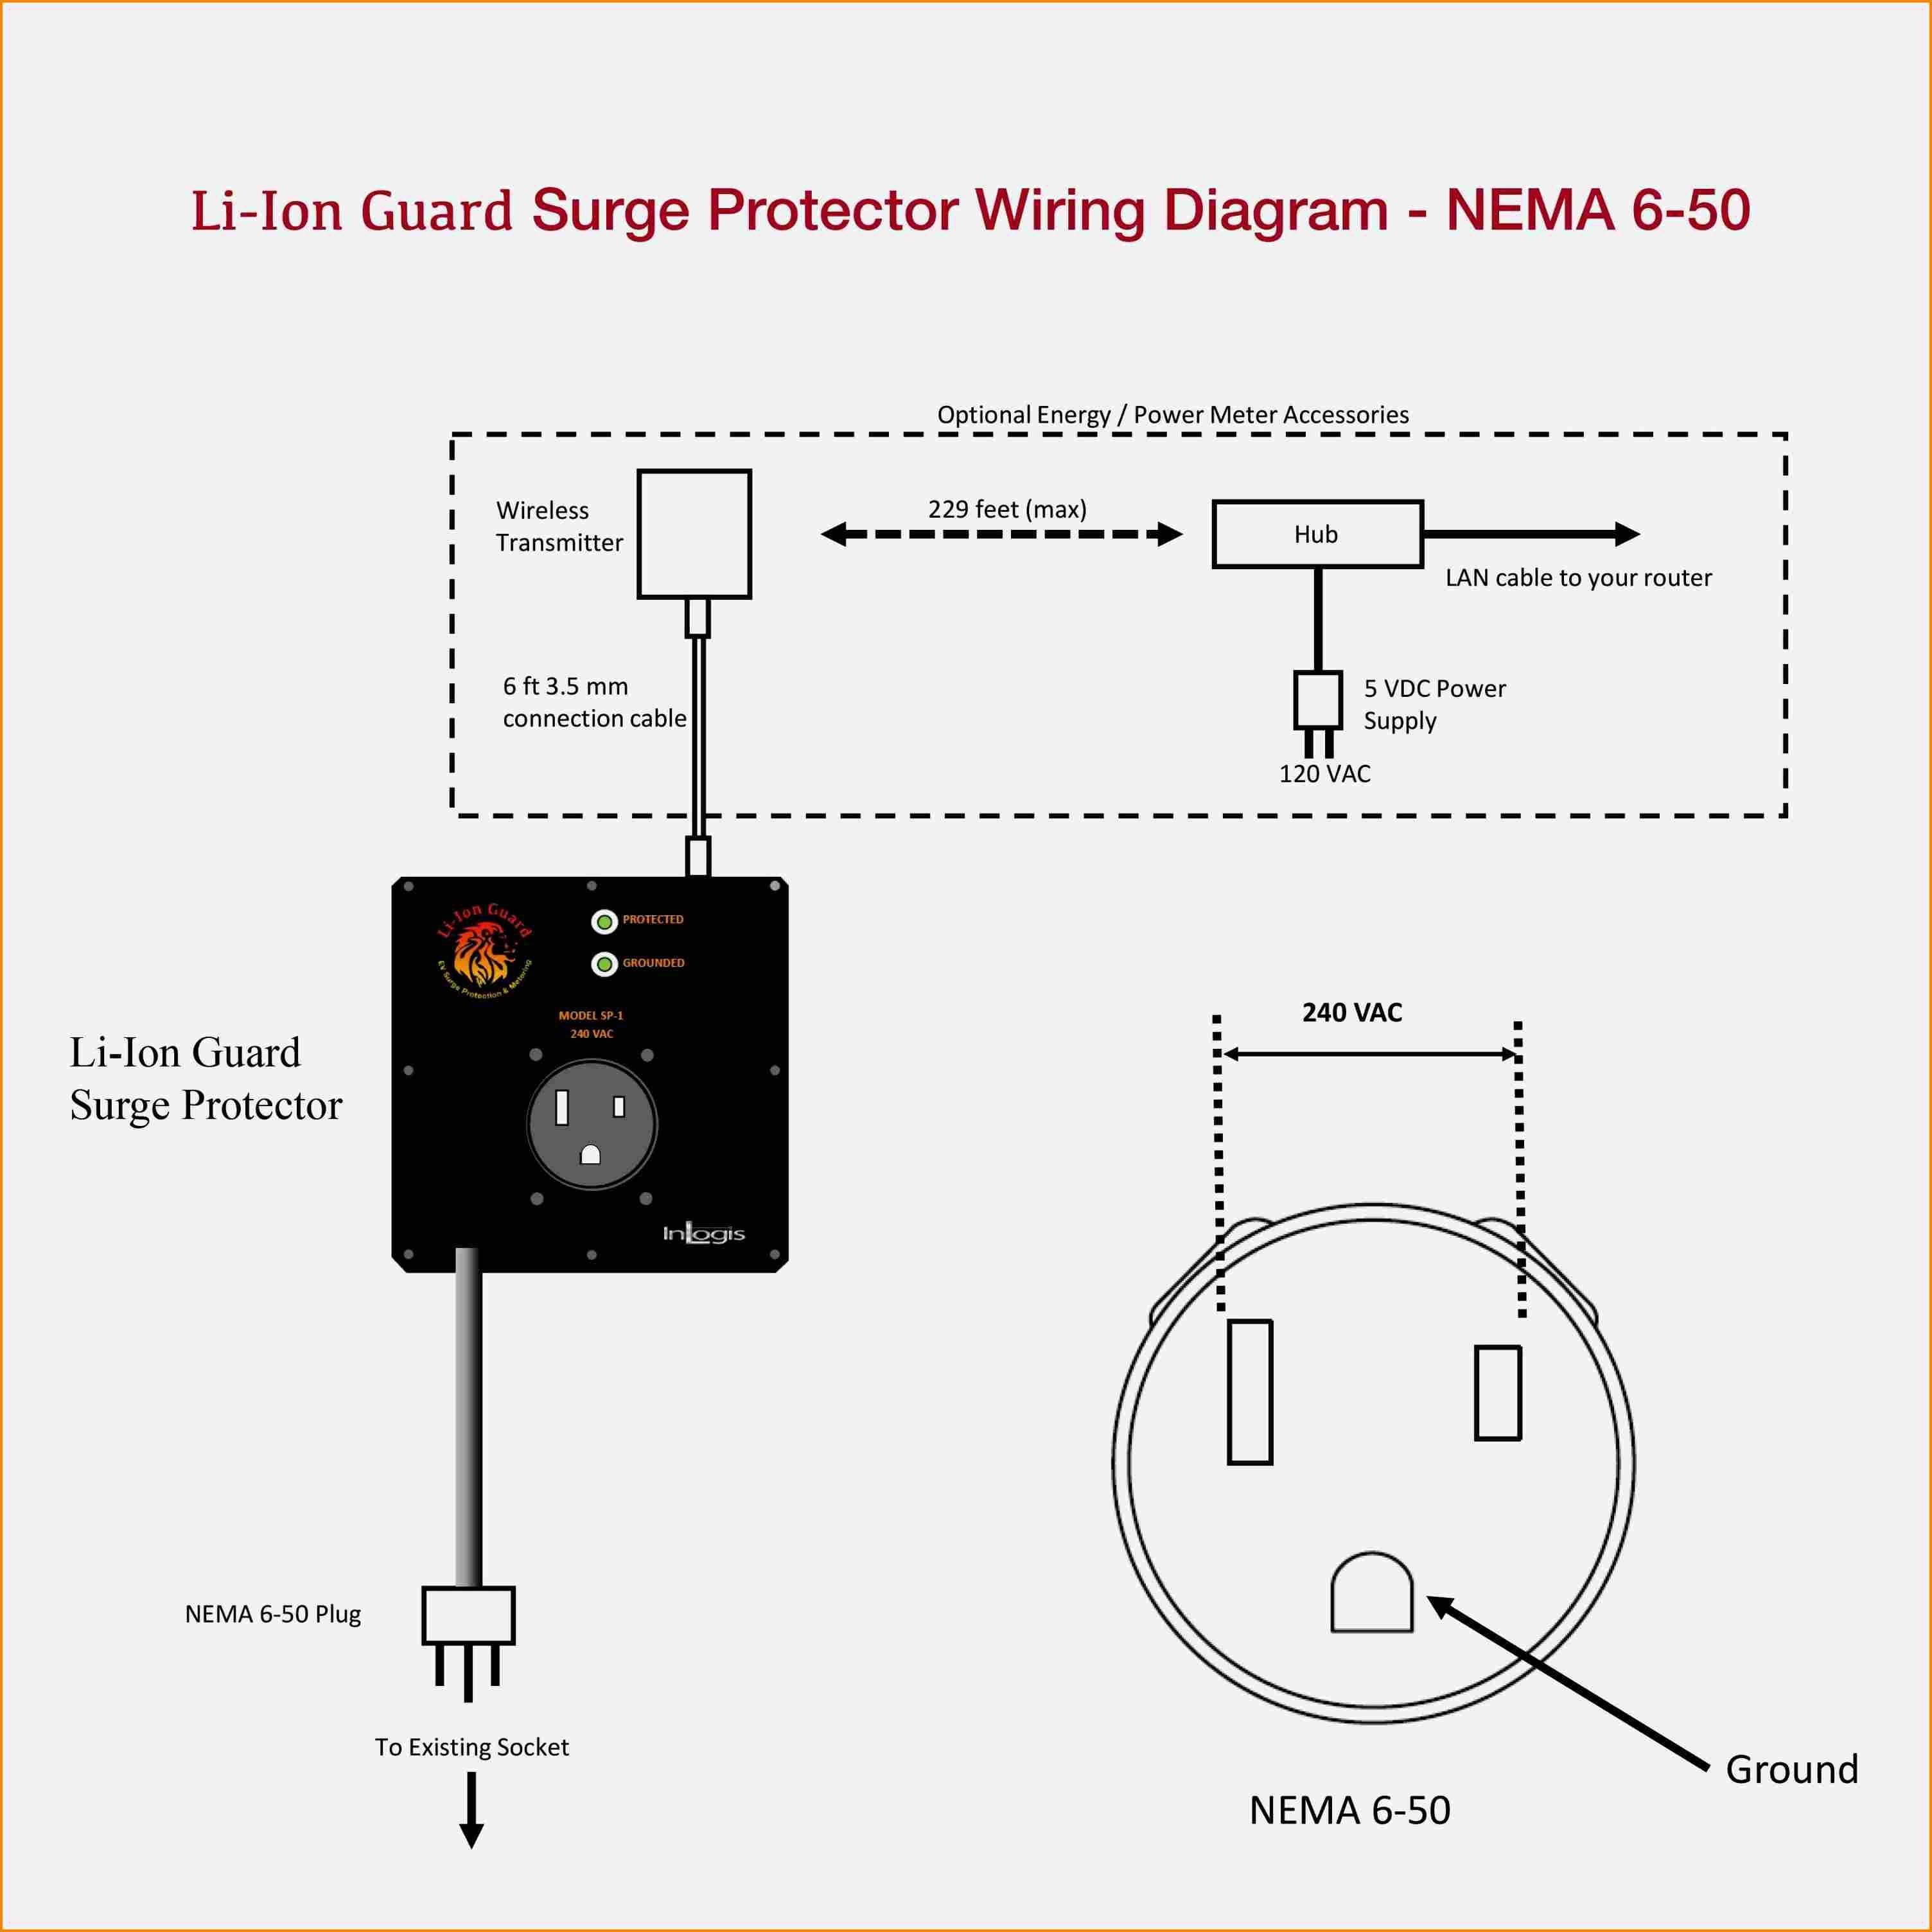 30 Amp Rv Plug Wiring Diagram - Panoramabypatysesma - 30 Amp Twist Lock Plug Wiring Diagram